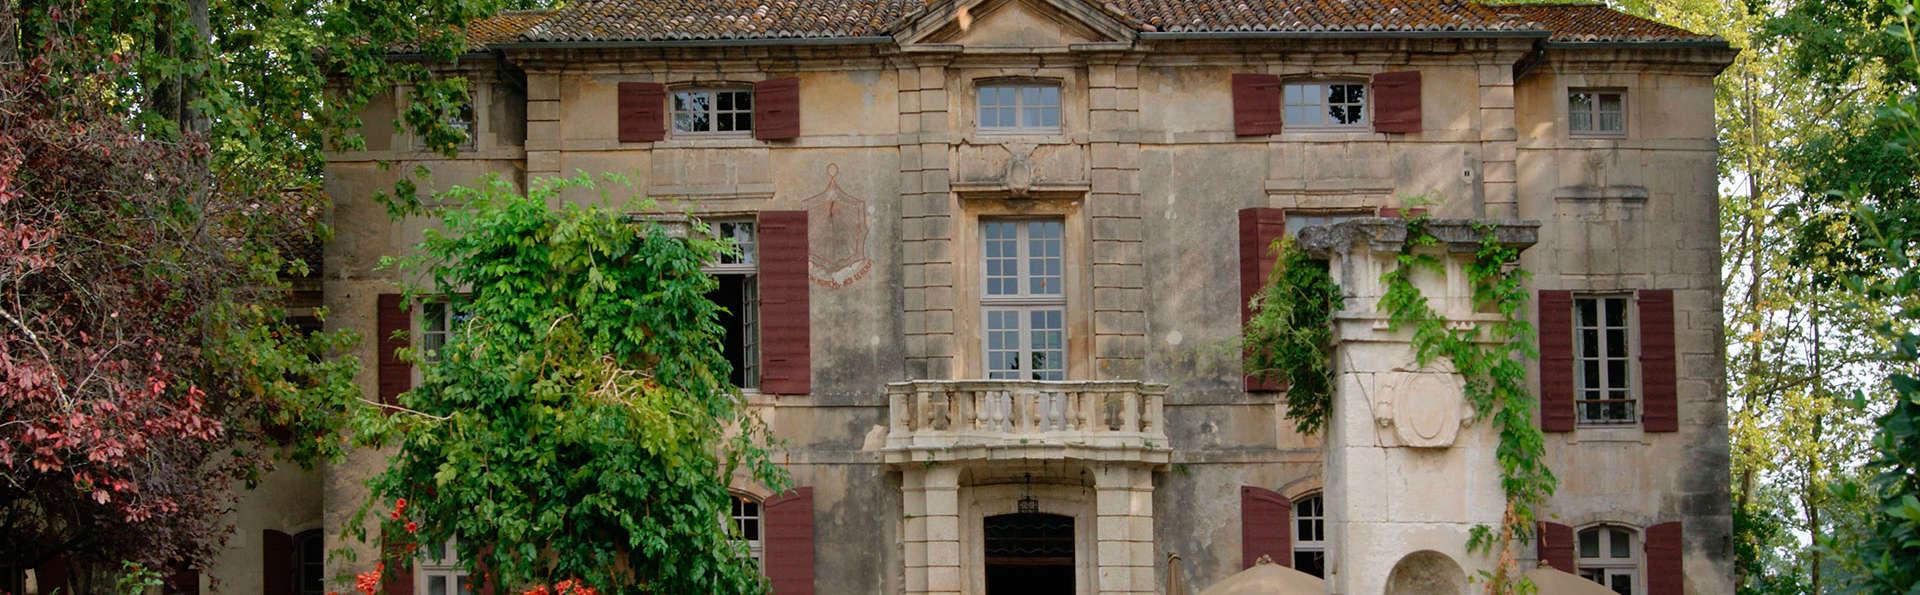 Château de Roussan - EDIT_Front.jpg